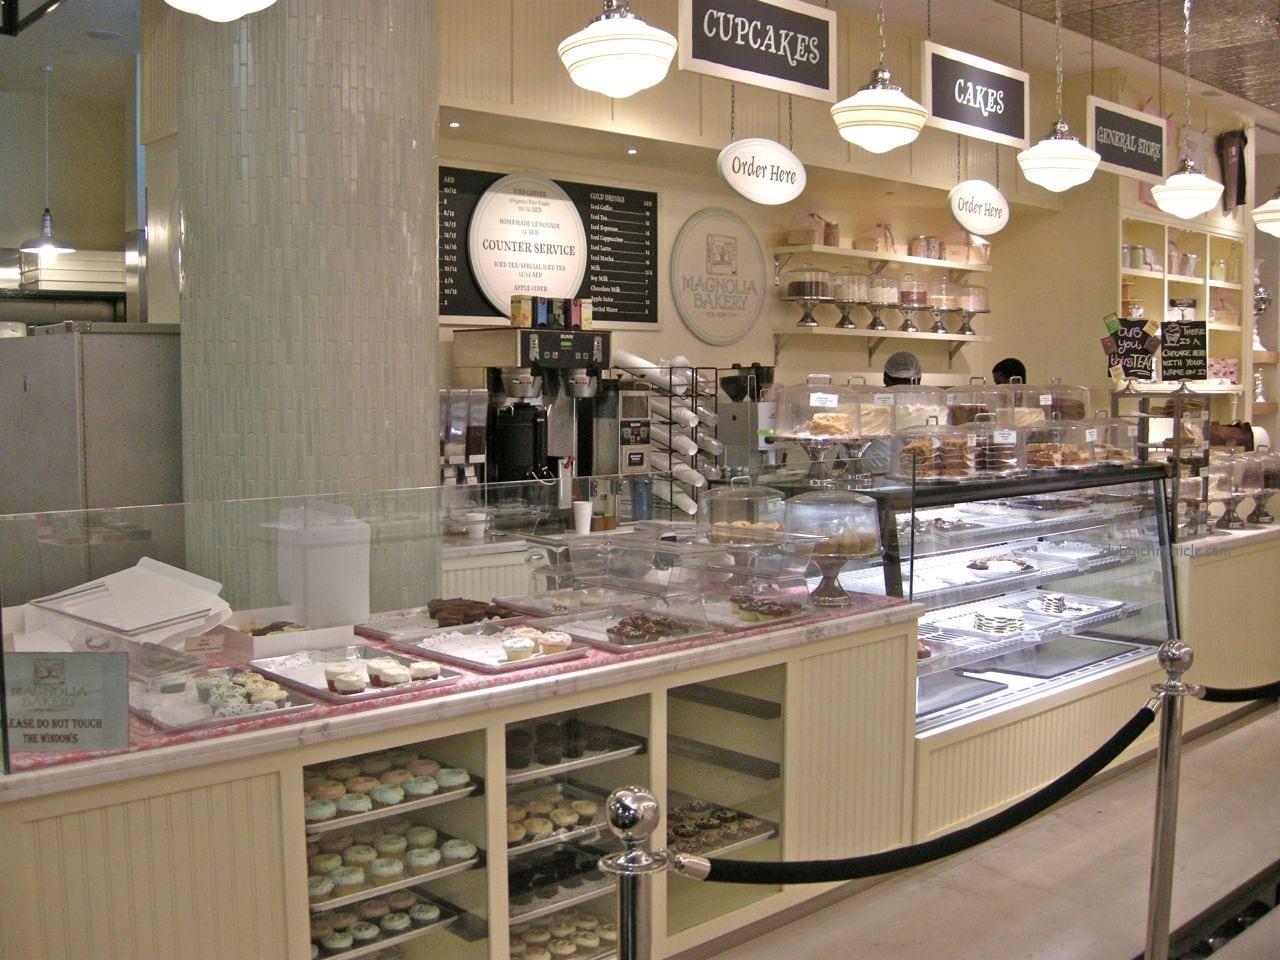 Dubai's magnolia bakery focuses on cupcakes takeaways